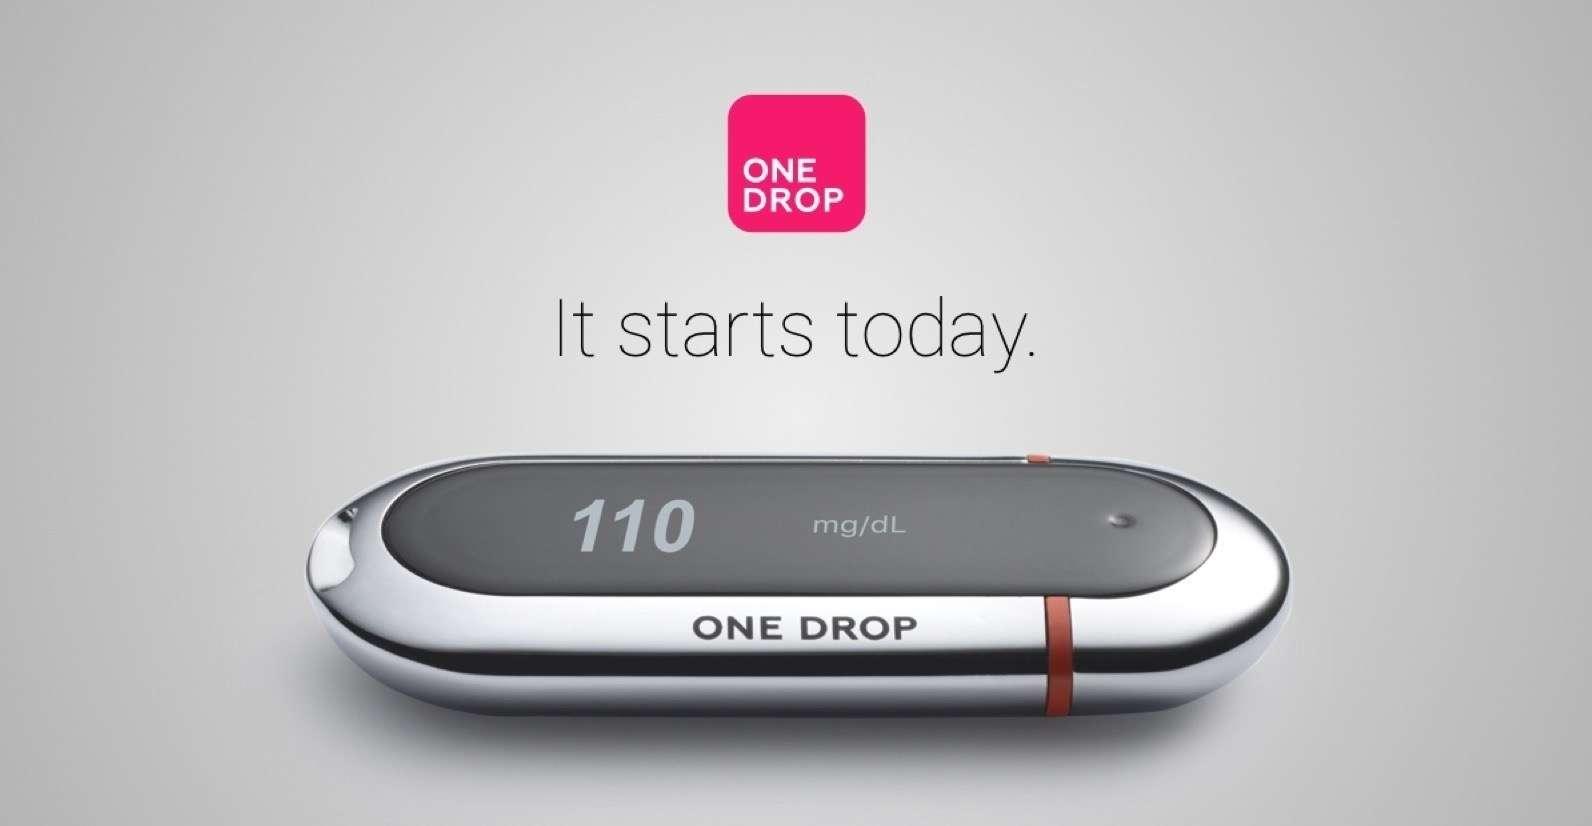 OneDrop firmasının yeni diabet takip cihazı yakında kullanımda olacak.